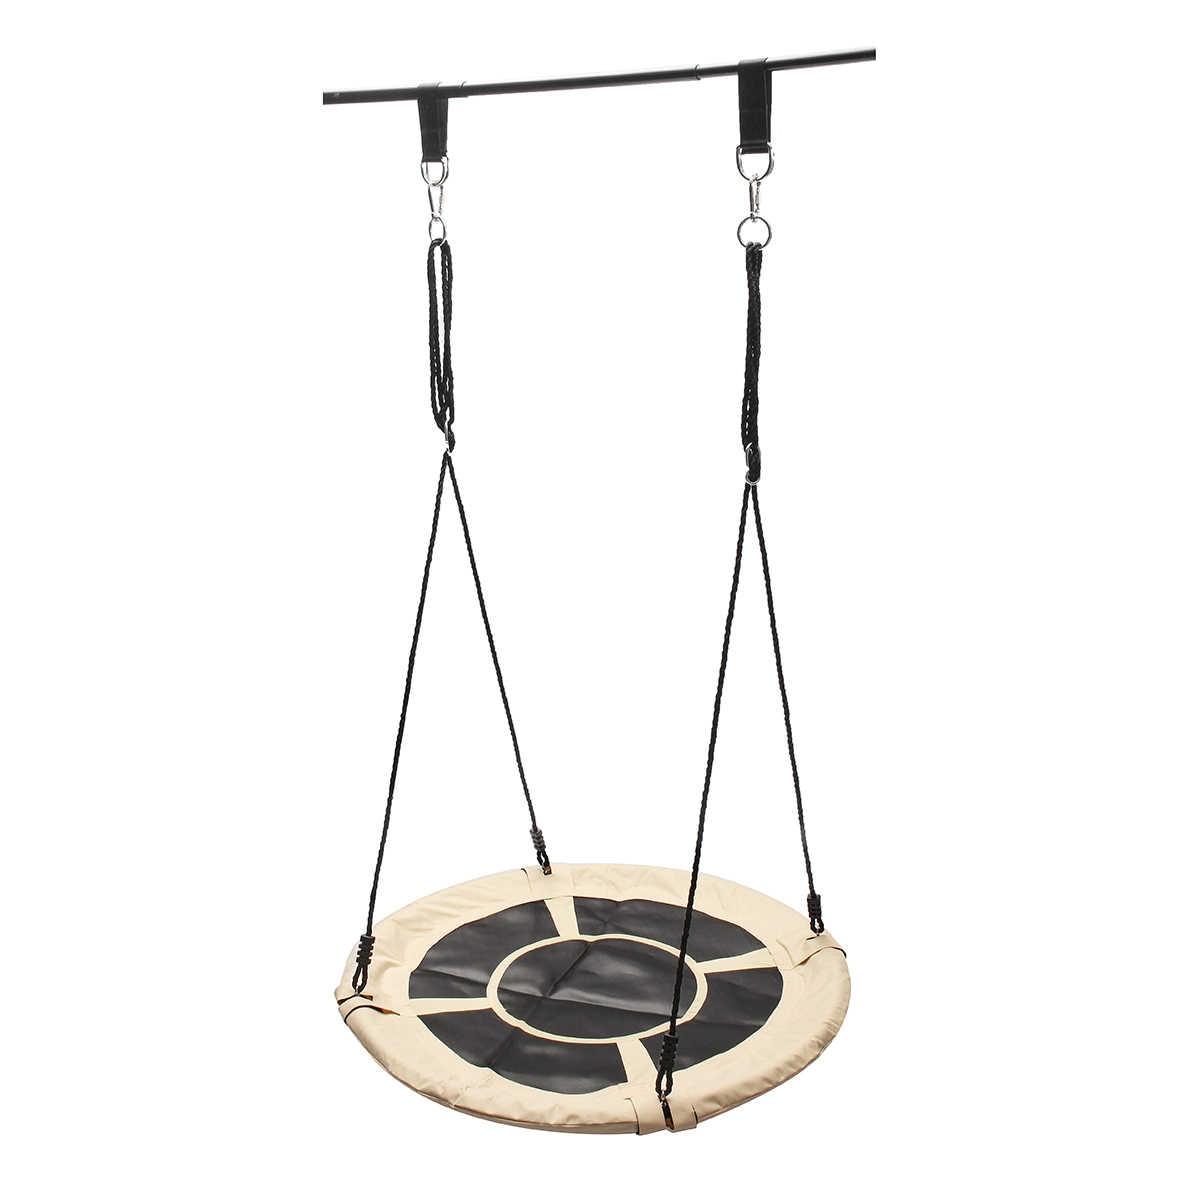 """40 """"100 cm duża pojemność dla dzieci na świeżym powietrzu okrągłe gniazdo wiszące liny drzewo huśtawka dzieci ogród zagraj zabawki huśtawki 8 kolory do wyboru"""